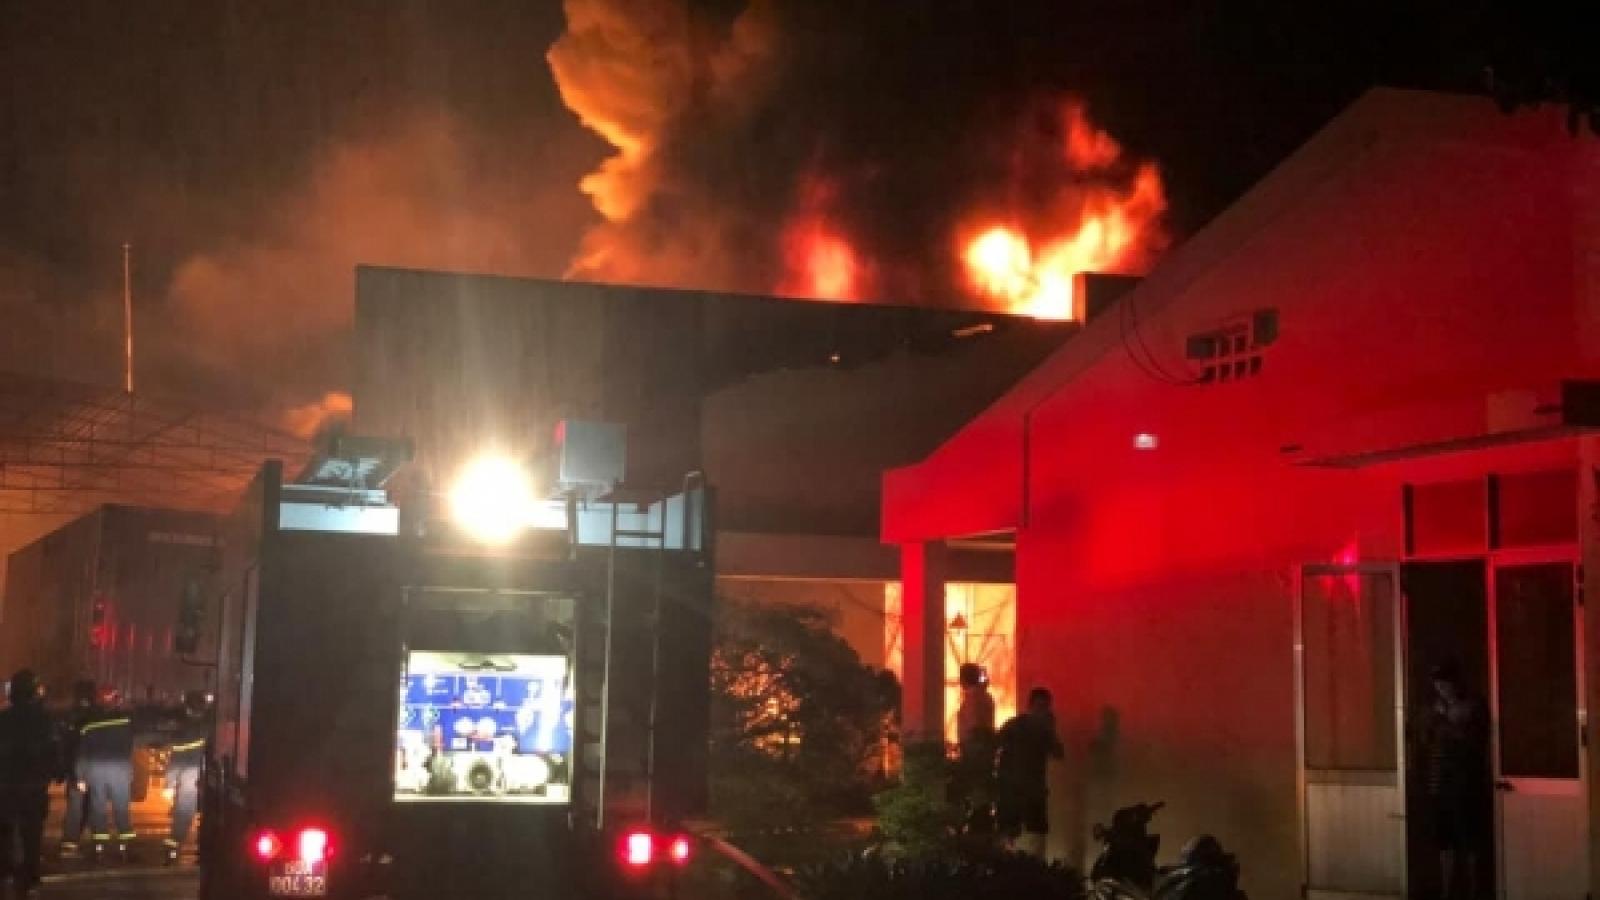 Điều tra nguyên nhân vụ hỏa hoạn xảy ra tại công ty may ở Đồng Nai